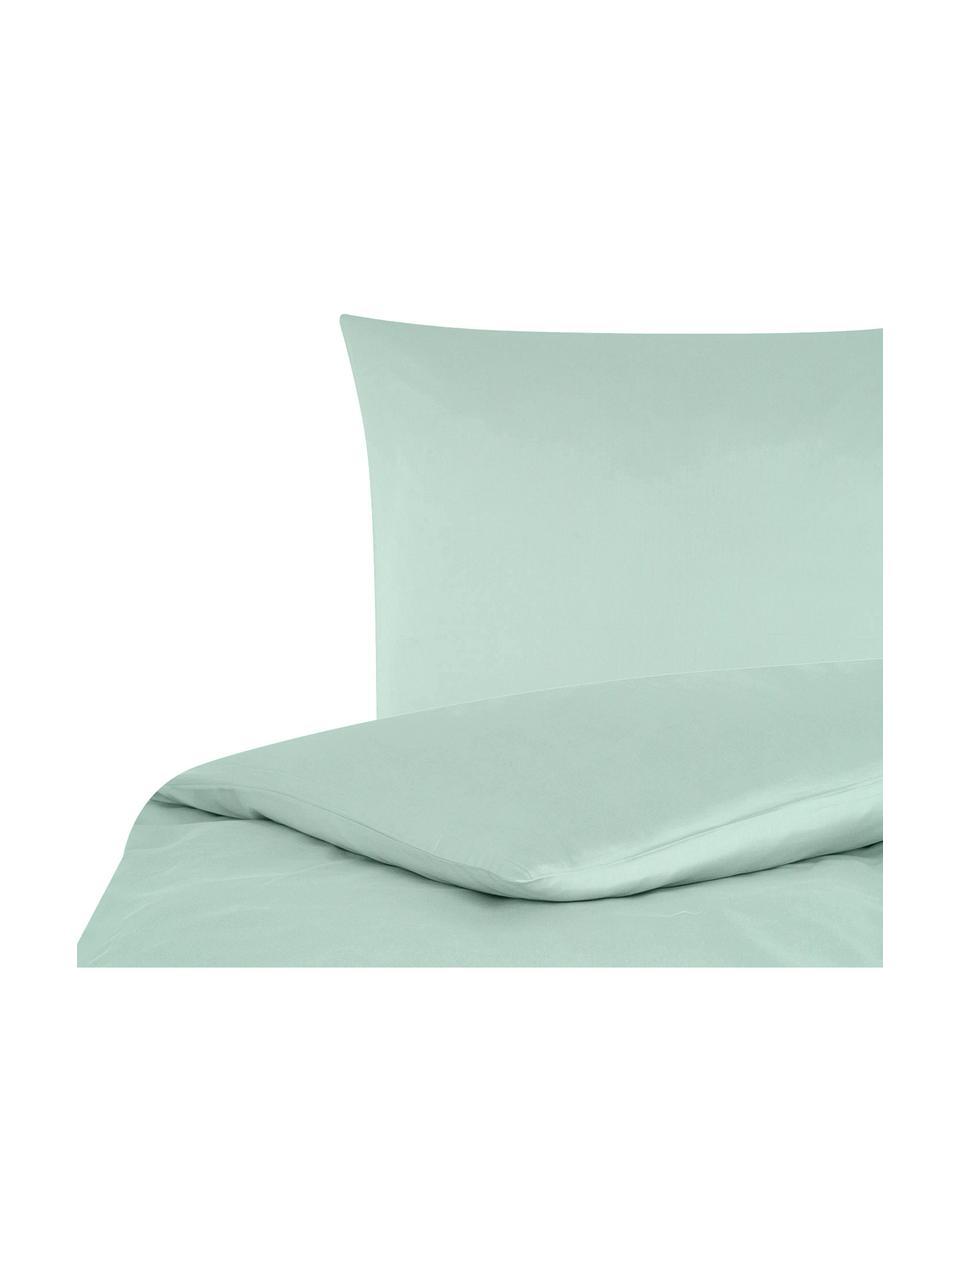 Pościel z satyny bawełnianej Comfort, Szałwiowy zielony, 135 x 200 cm + 1 poduszka 80 x 80 cm